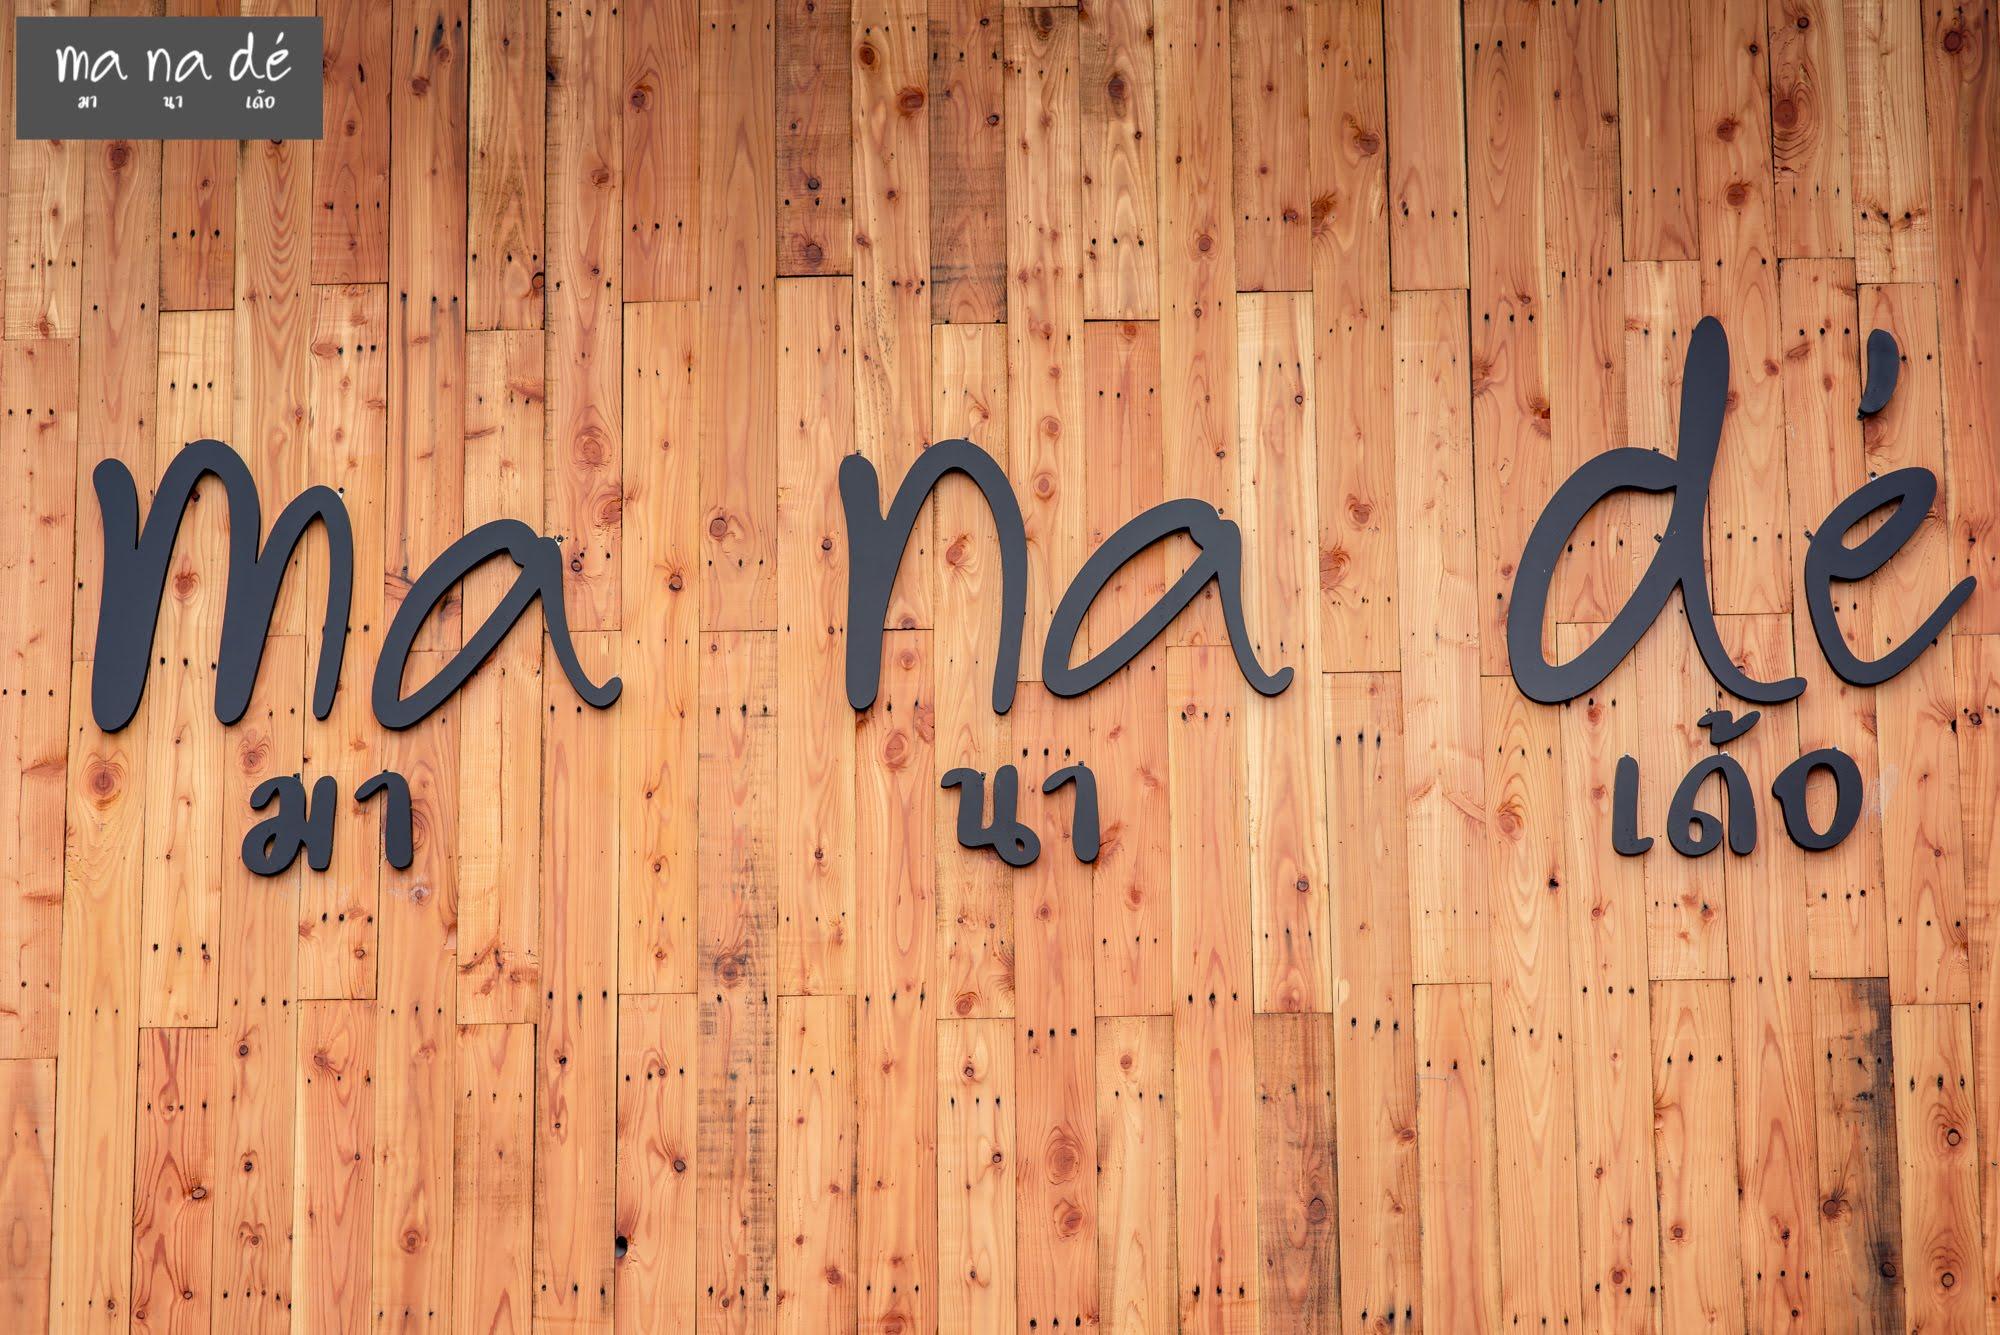 มานาเด้อ manade ร้านกาแฟวิวสวยเมืองอุบล นครศรีดีย์